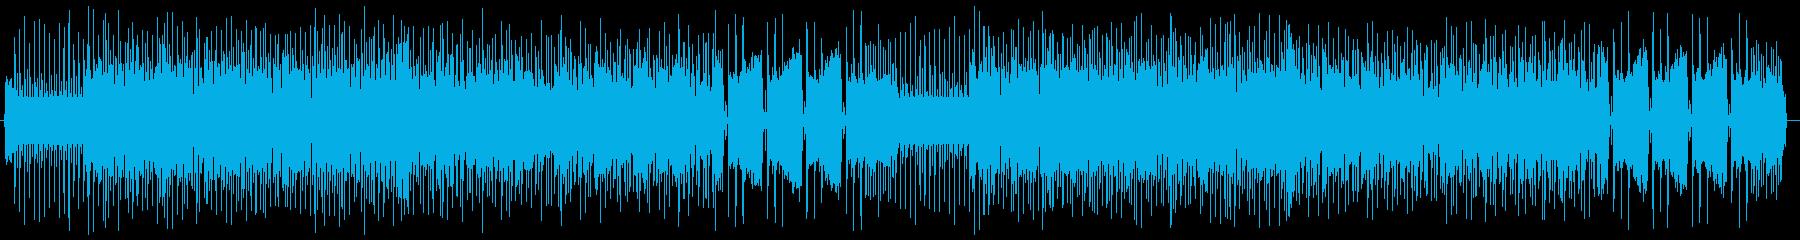 こてこての8bitバトルの再生済みの波形